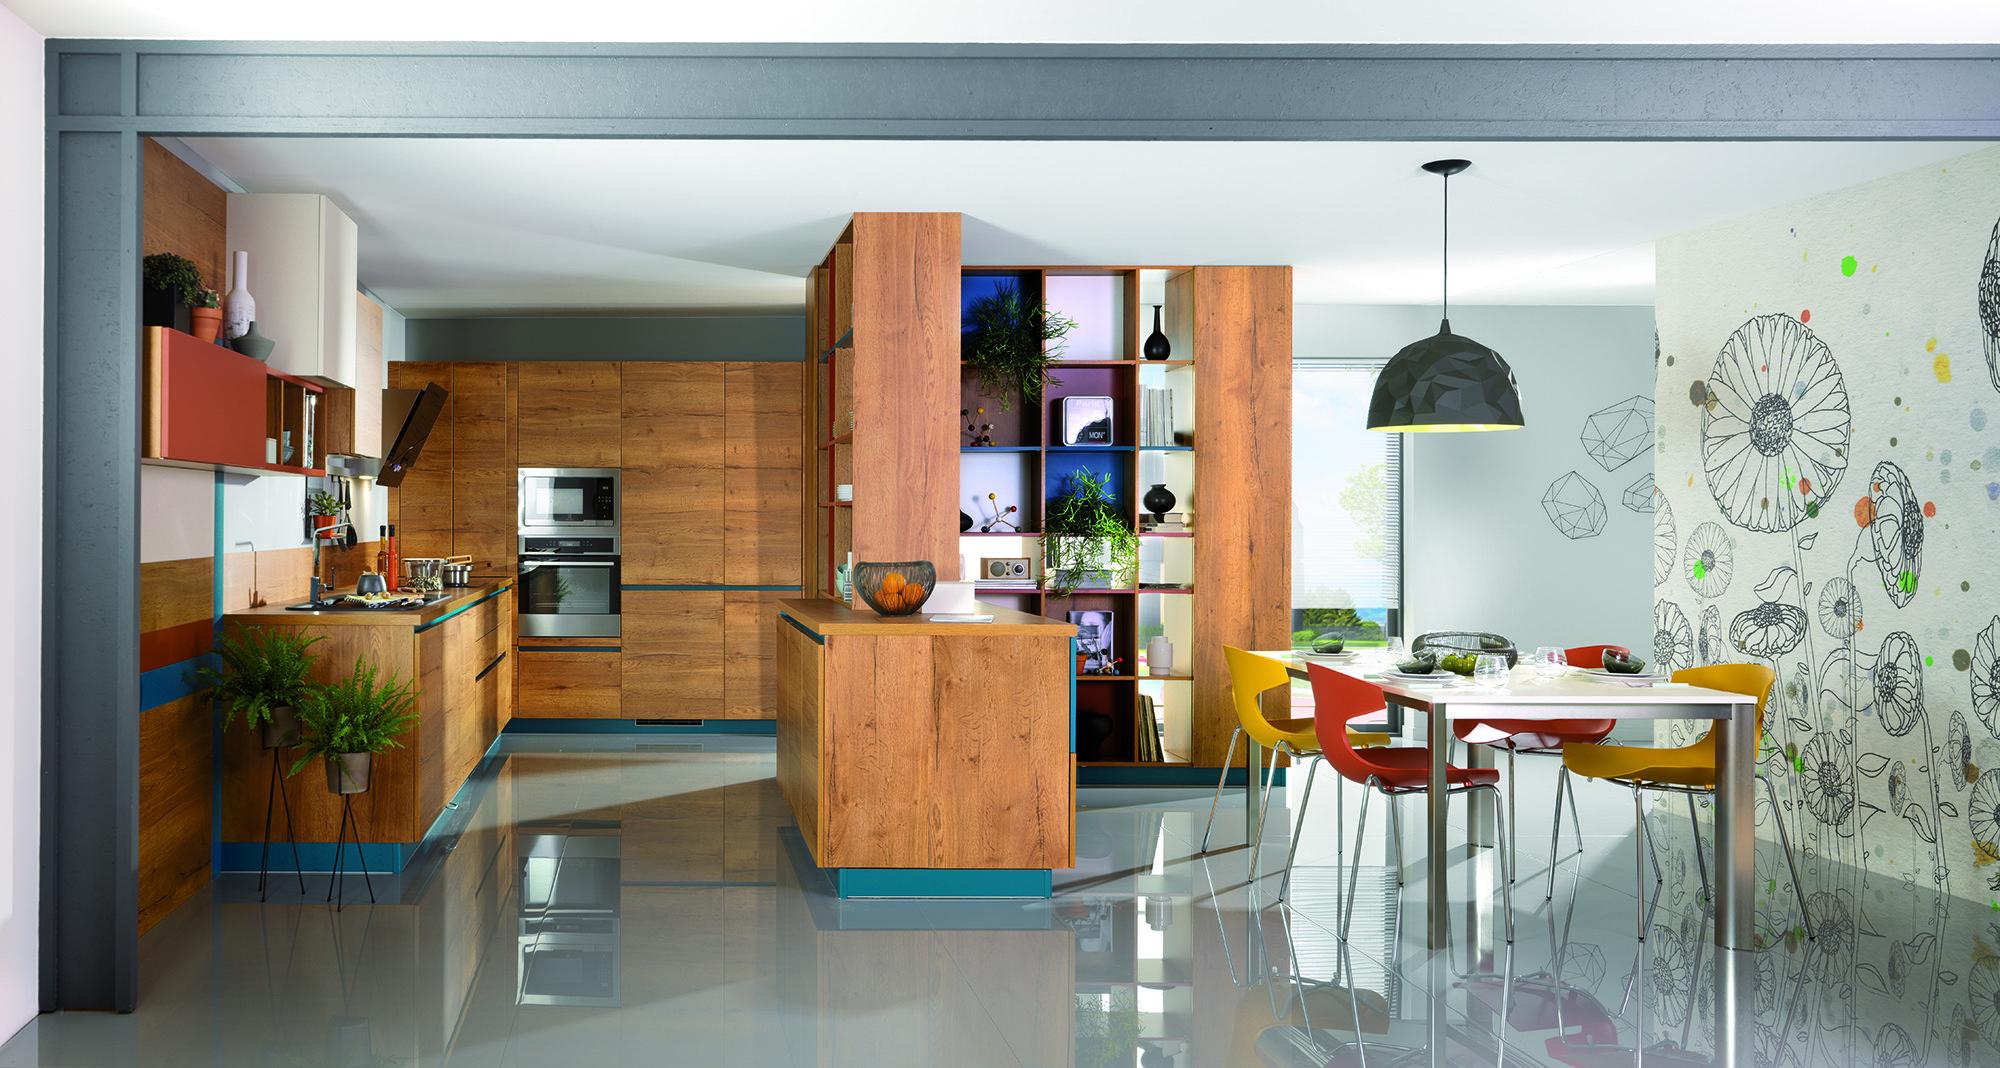 schmidt arcos eolis greeploos potmanjr. Black Bedroom Furniture Sets. Home Design Ideas